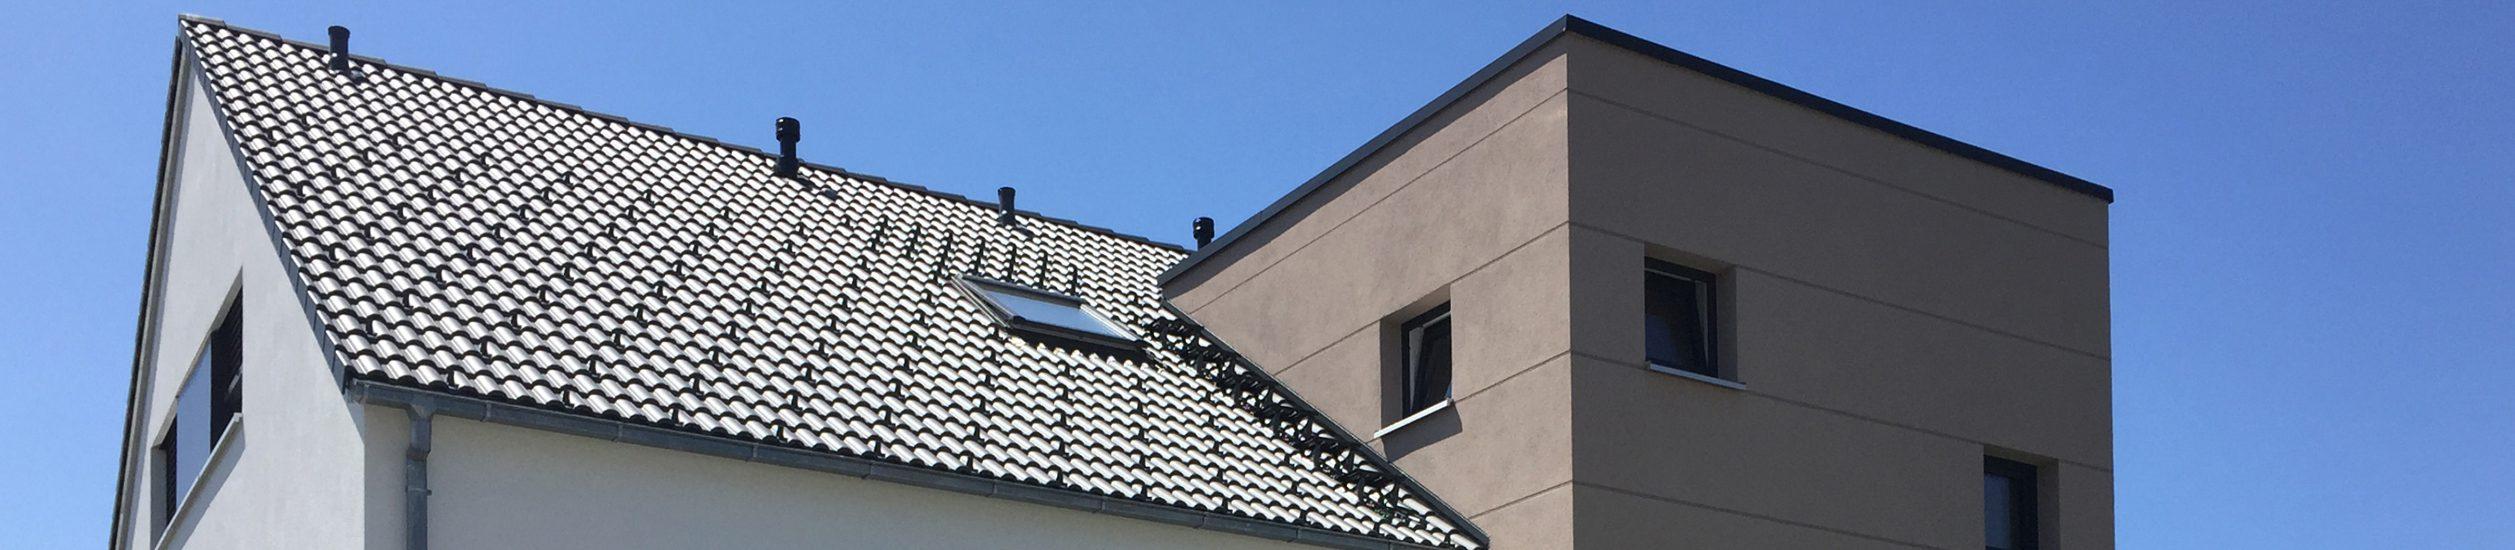 Neubau von zwei Wohngebäuden mit Tiefgarage in Lindau - Eichbühlweg